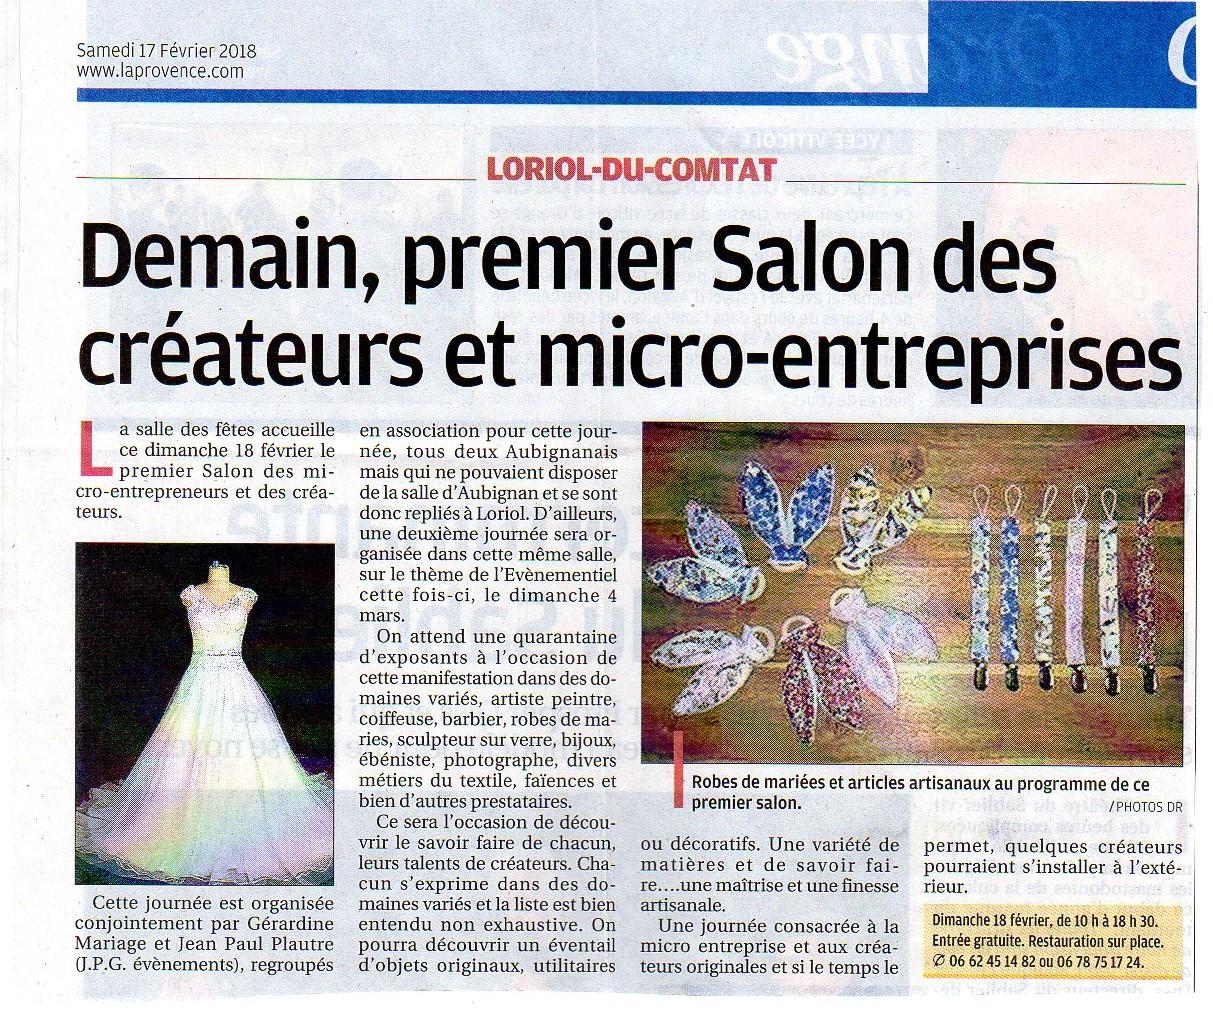 Salon des Micro-entrepreneurs et Créateurs